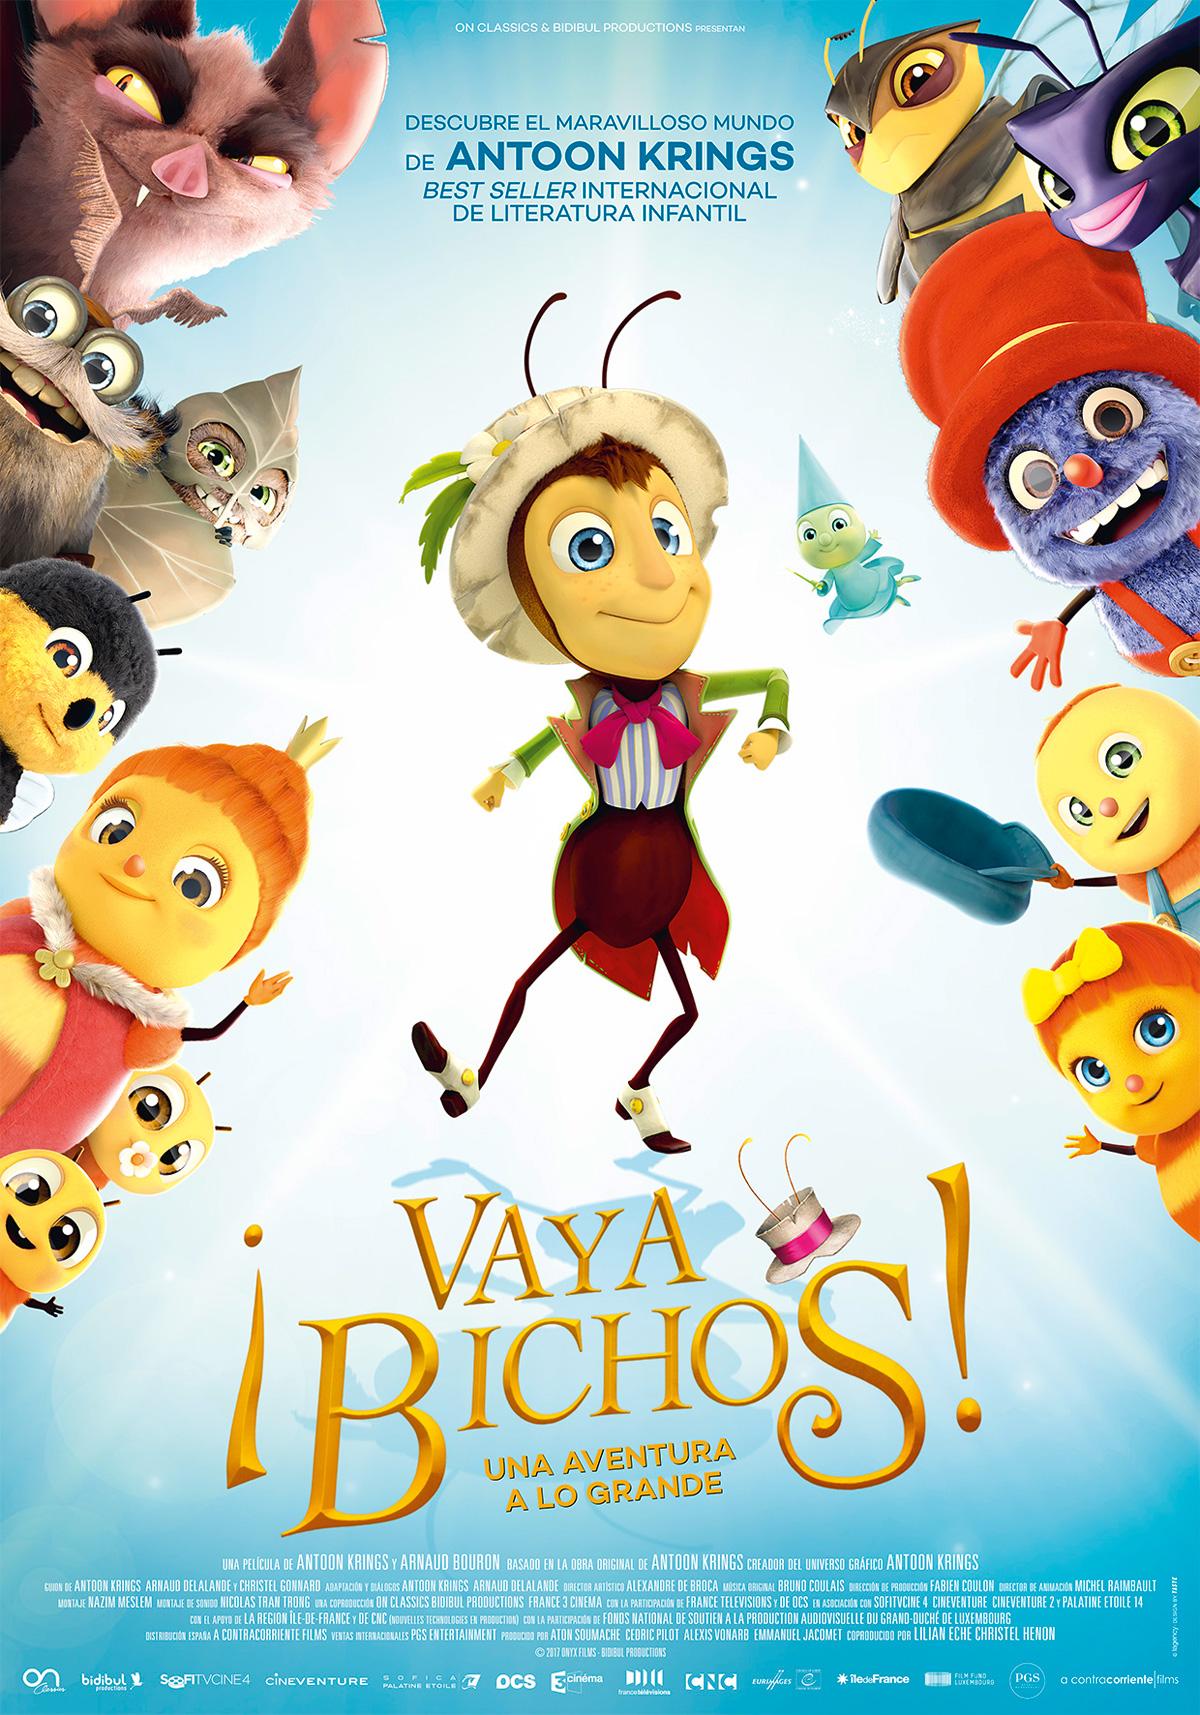 Cartel de ¡Vaya bichos! - Poster 1 - SensaCine.com